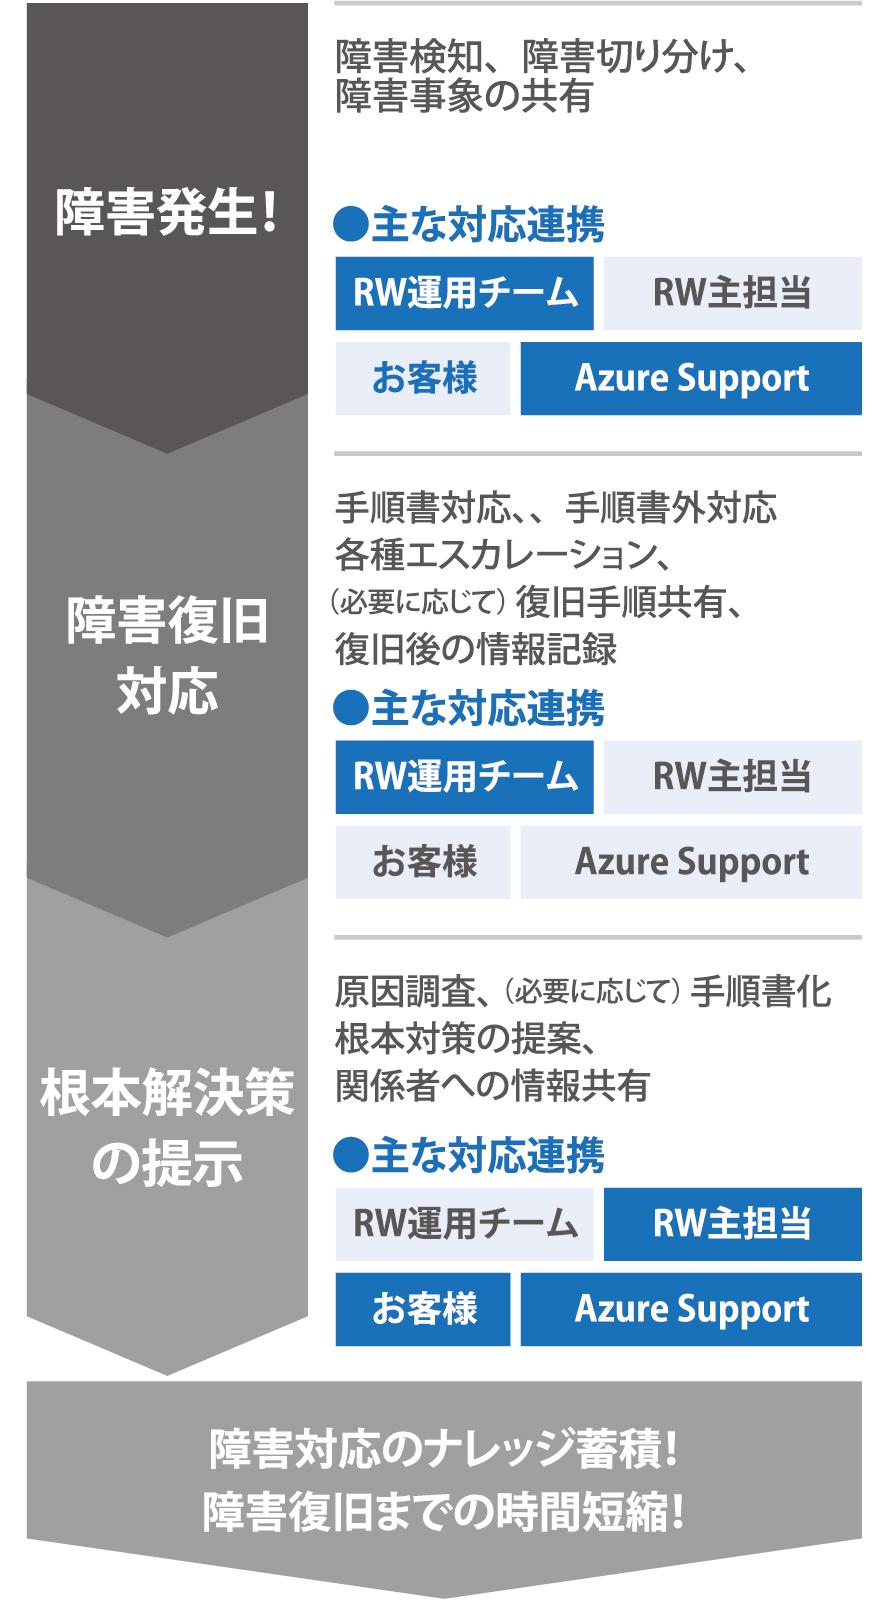 Azure監視・障害対応プラン (24時間365日) | Azure運用・システム ...